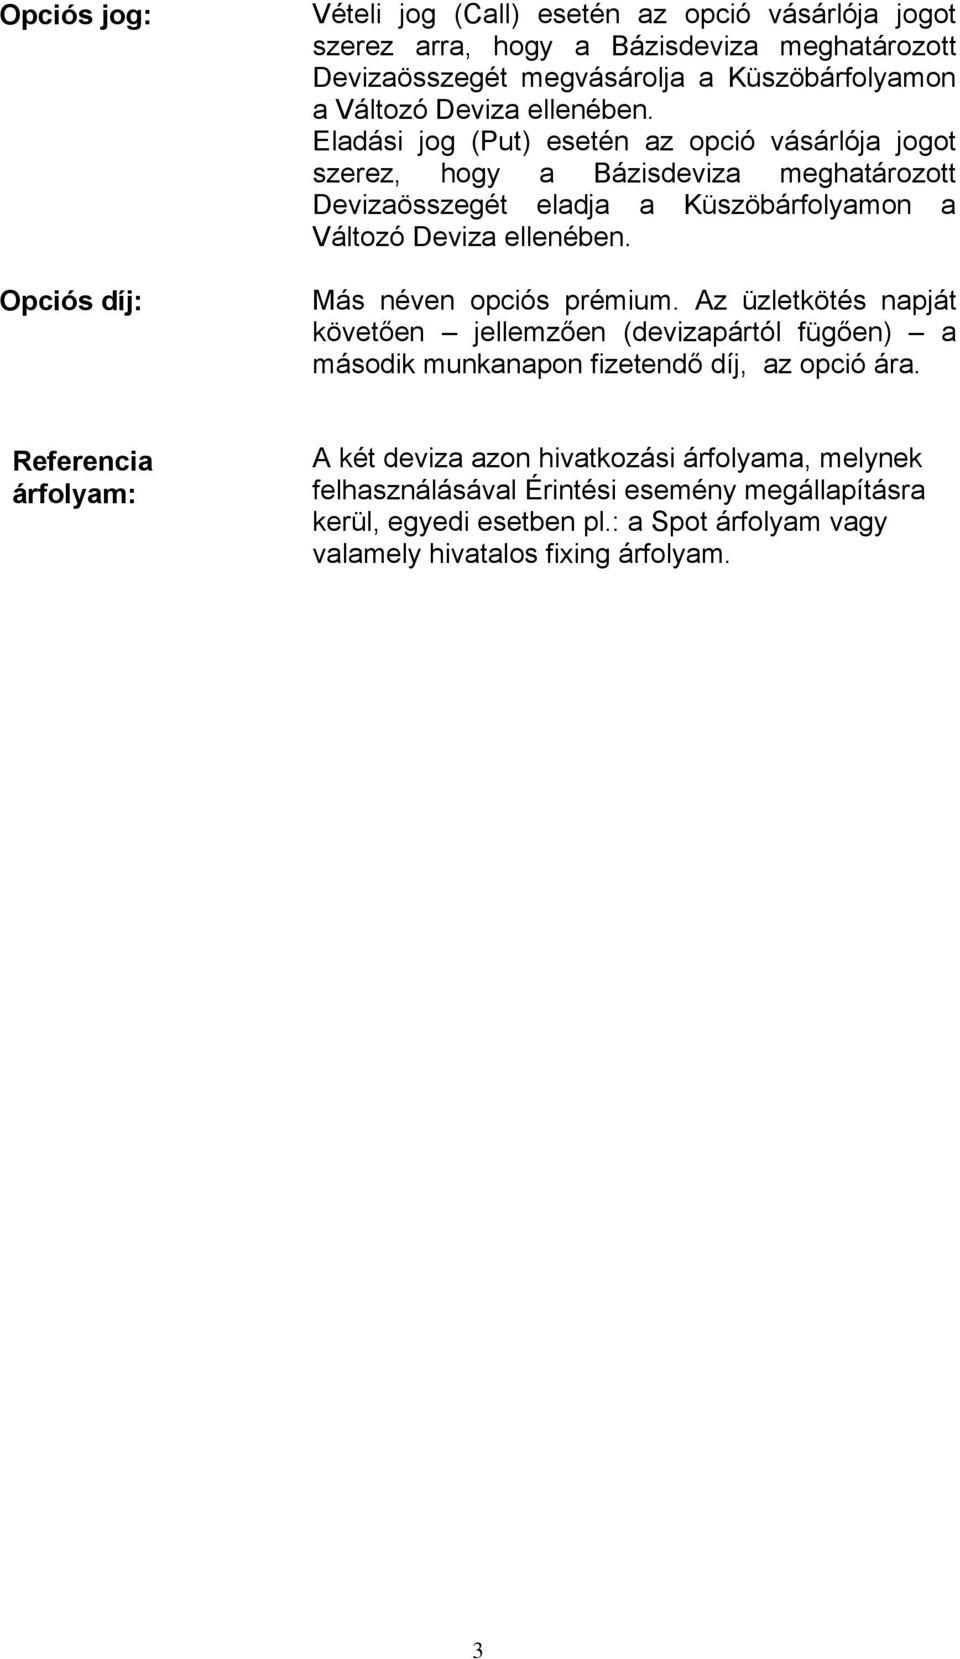 opciós megállapodás formája)